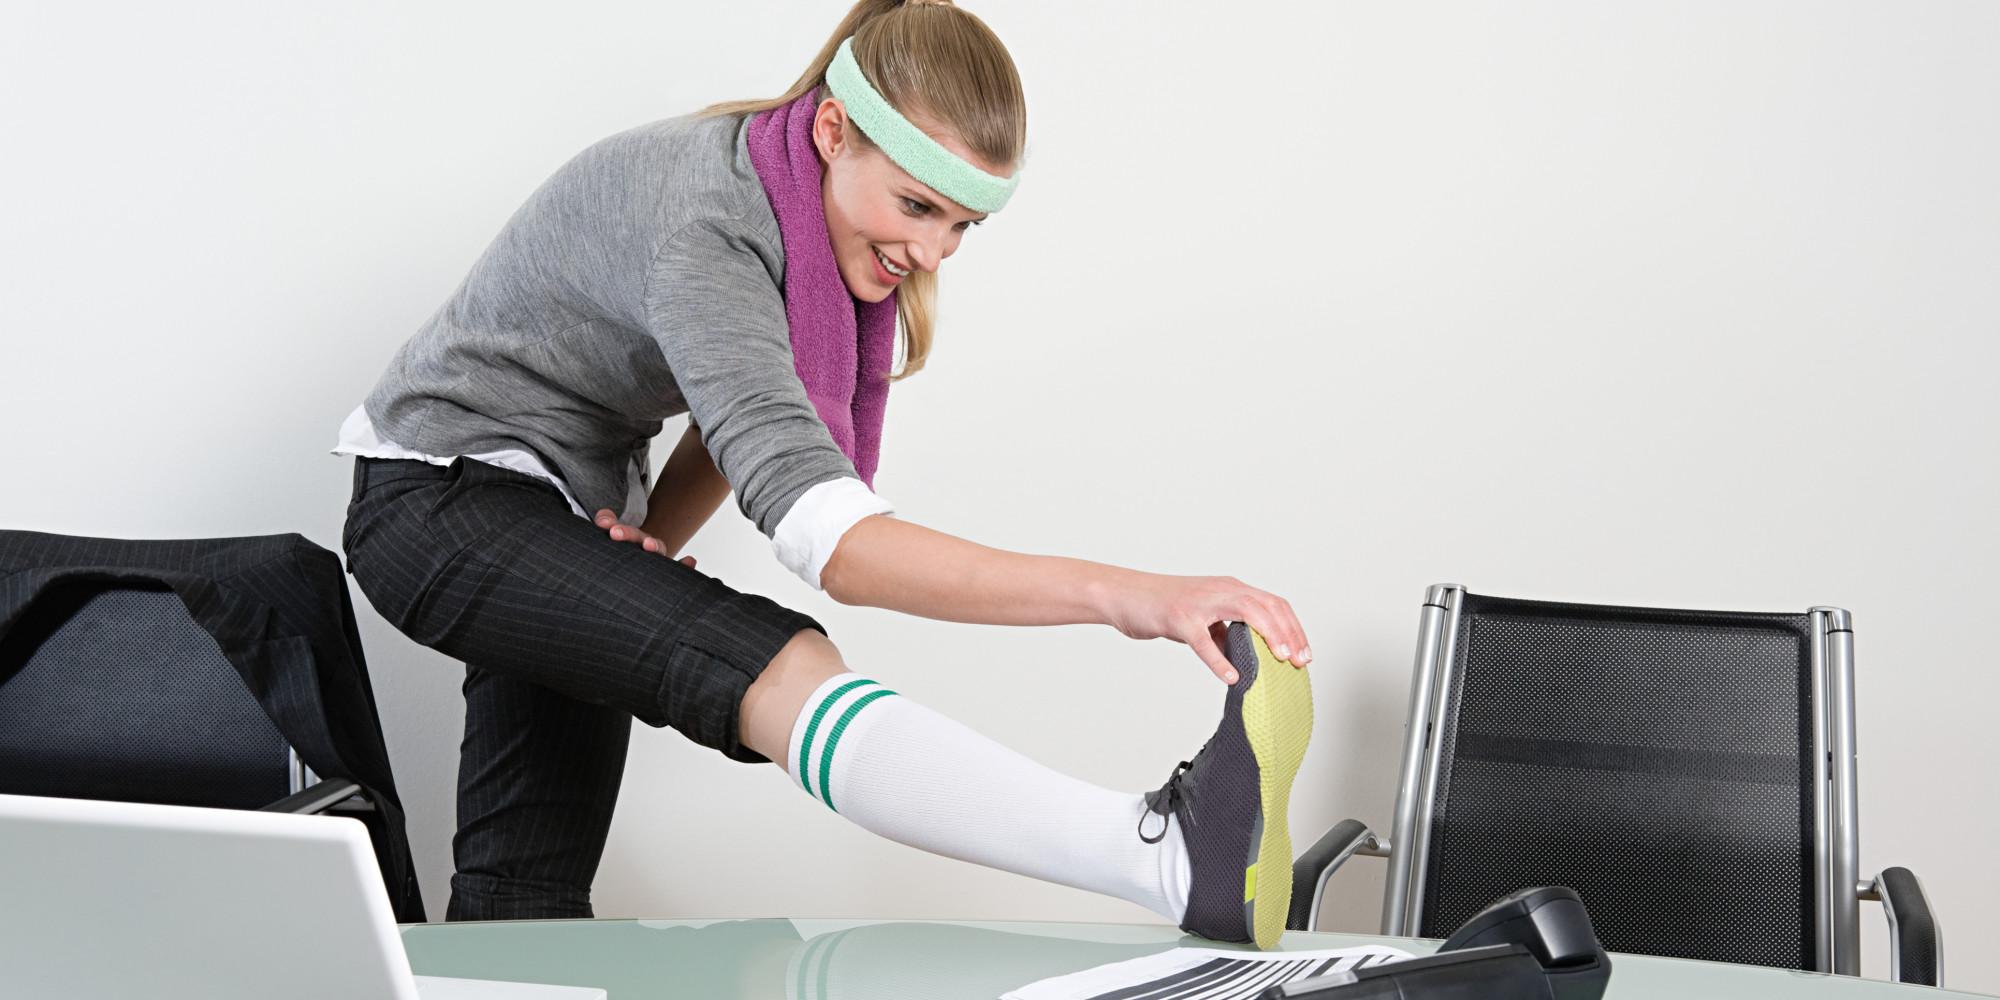 Тренування на робочому місці для боротьби із зайвою вагою